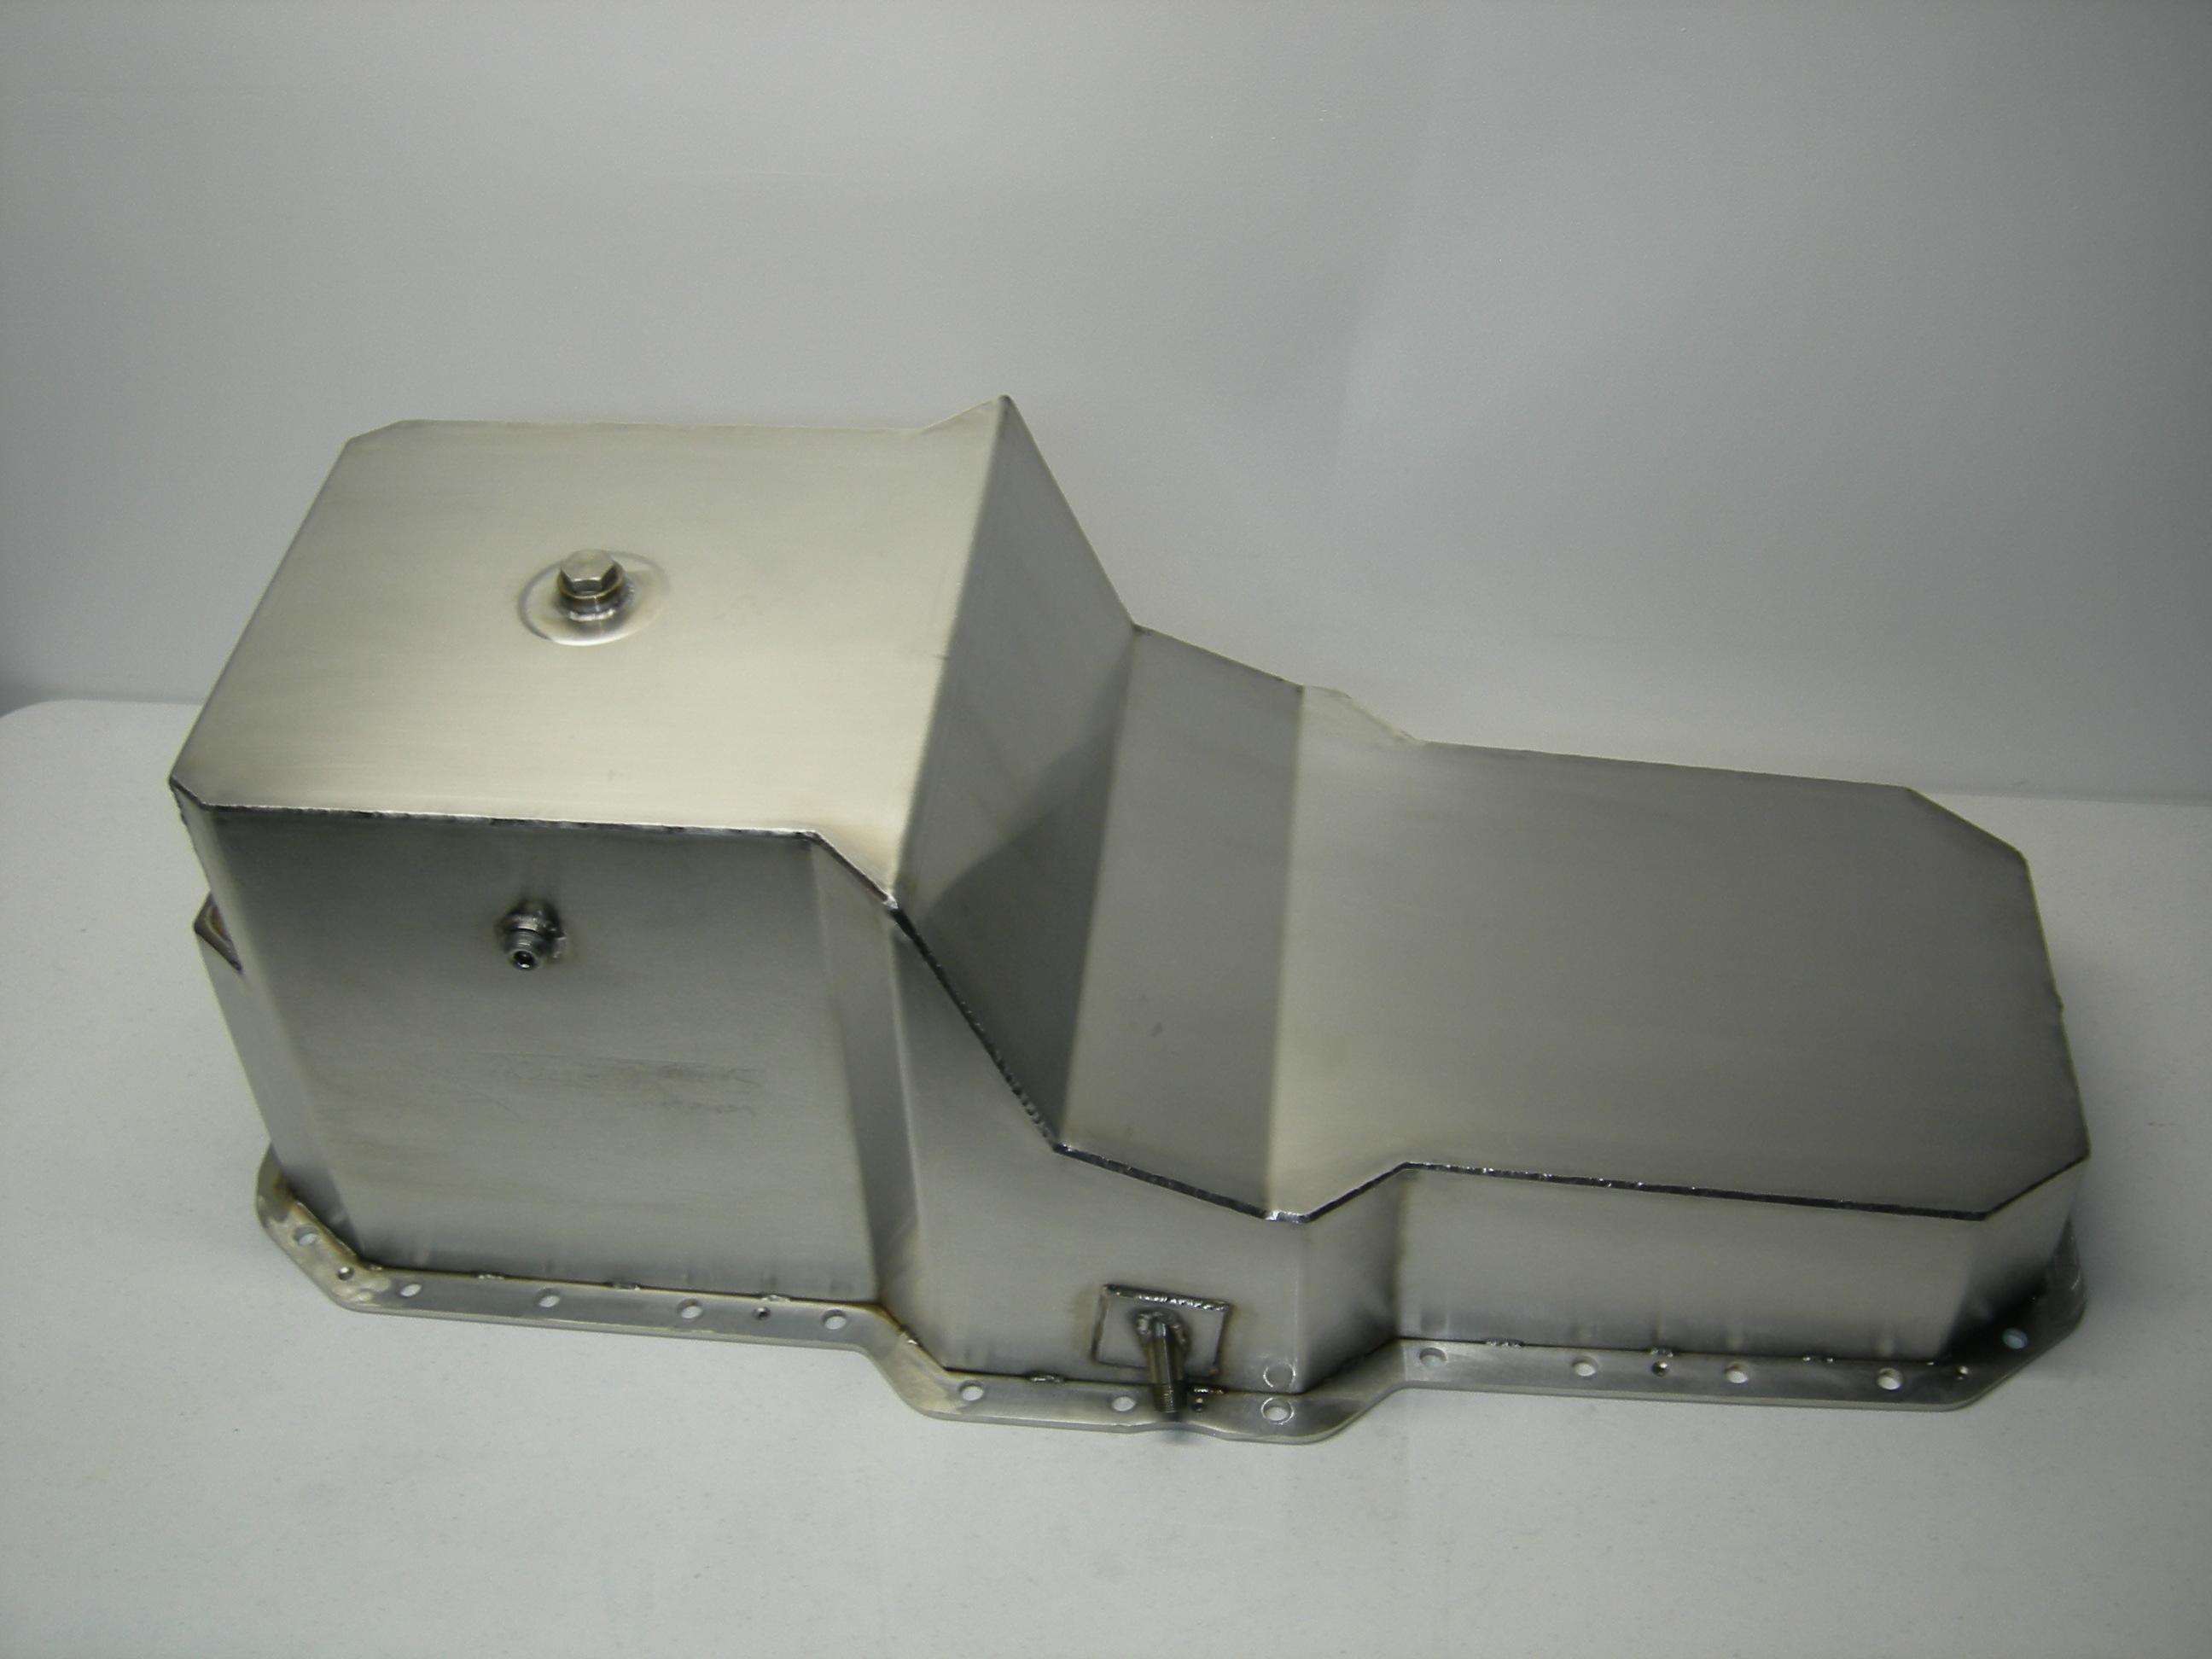 240GB5271M2 Mack Oil Pan